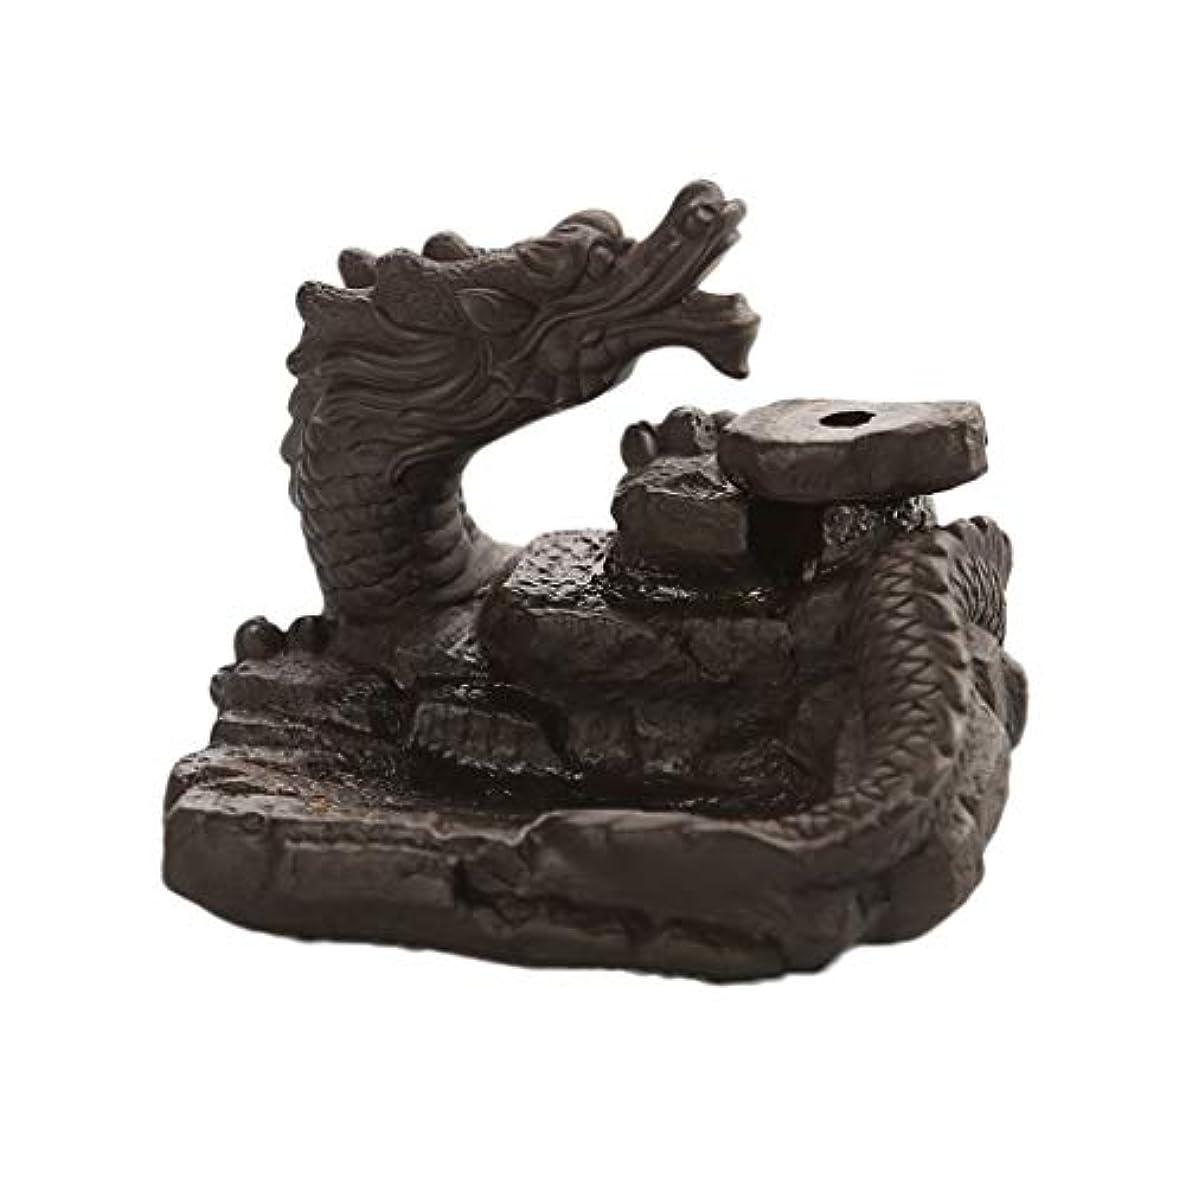 ストリップ入るジェスチャー芳香器?アロマバーナー ドラゴンの逆流の香炉の陶磁器のホールダーの黒ドラゴンの逆流の香炉の香炉の陶磁器のホールダー 芳香器?アロマバーナー